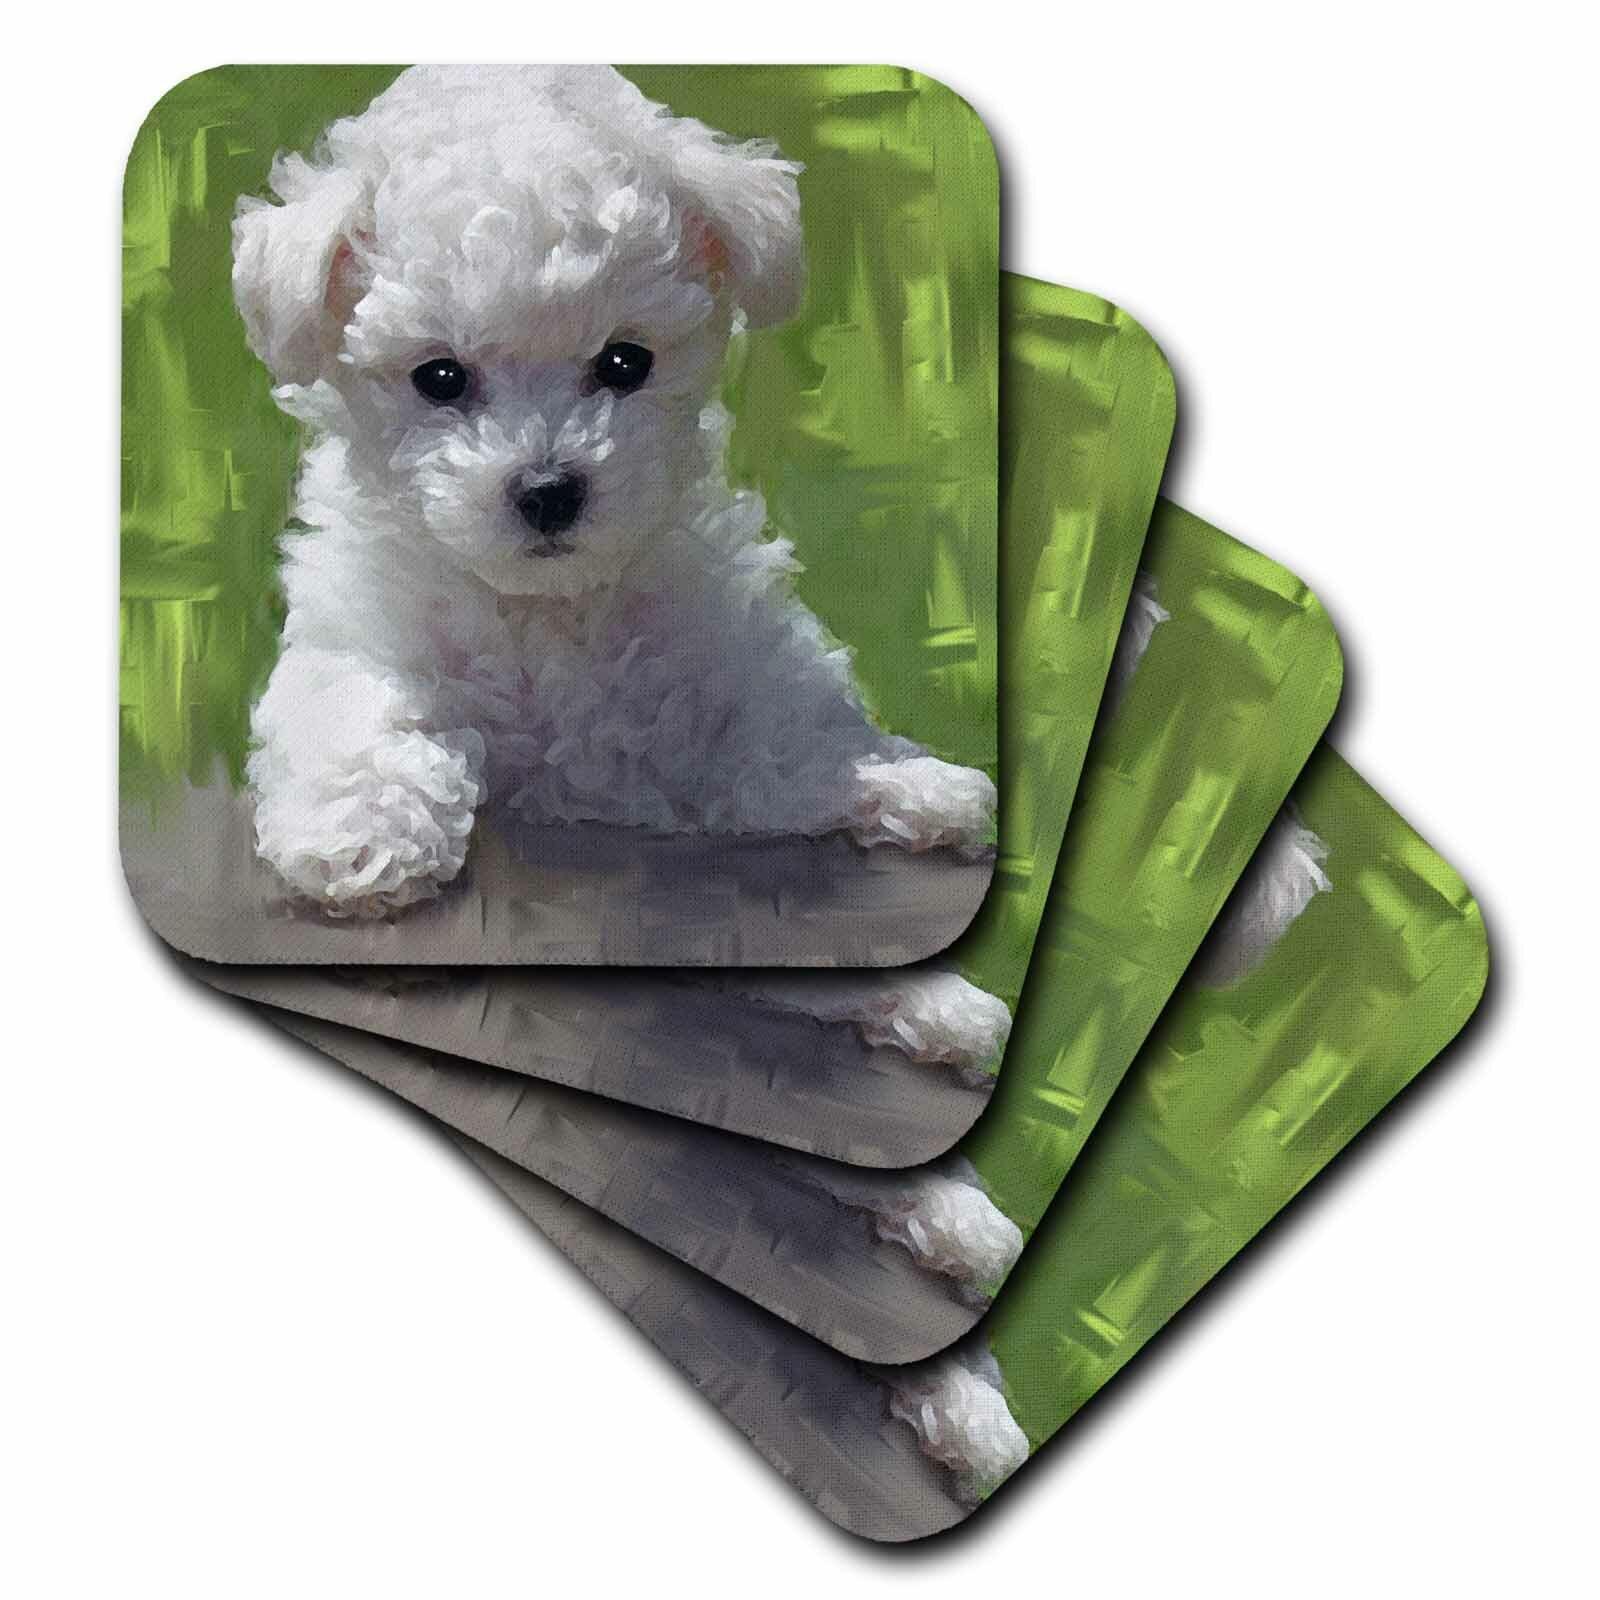 3drose Ceramic Tile Coasters Bichon Frise Puppy Set Of 4 Cst 5323 3 Wayfair